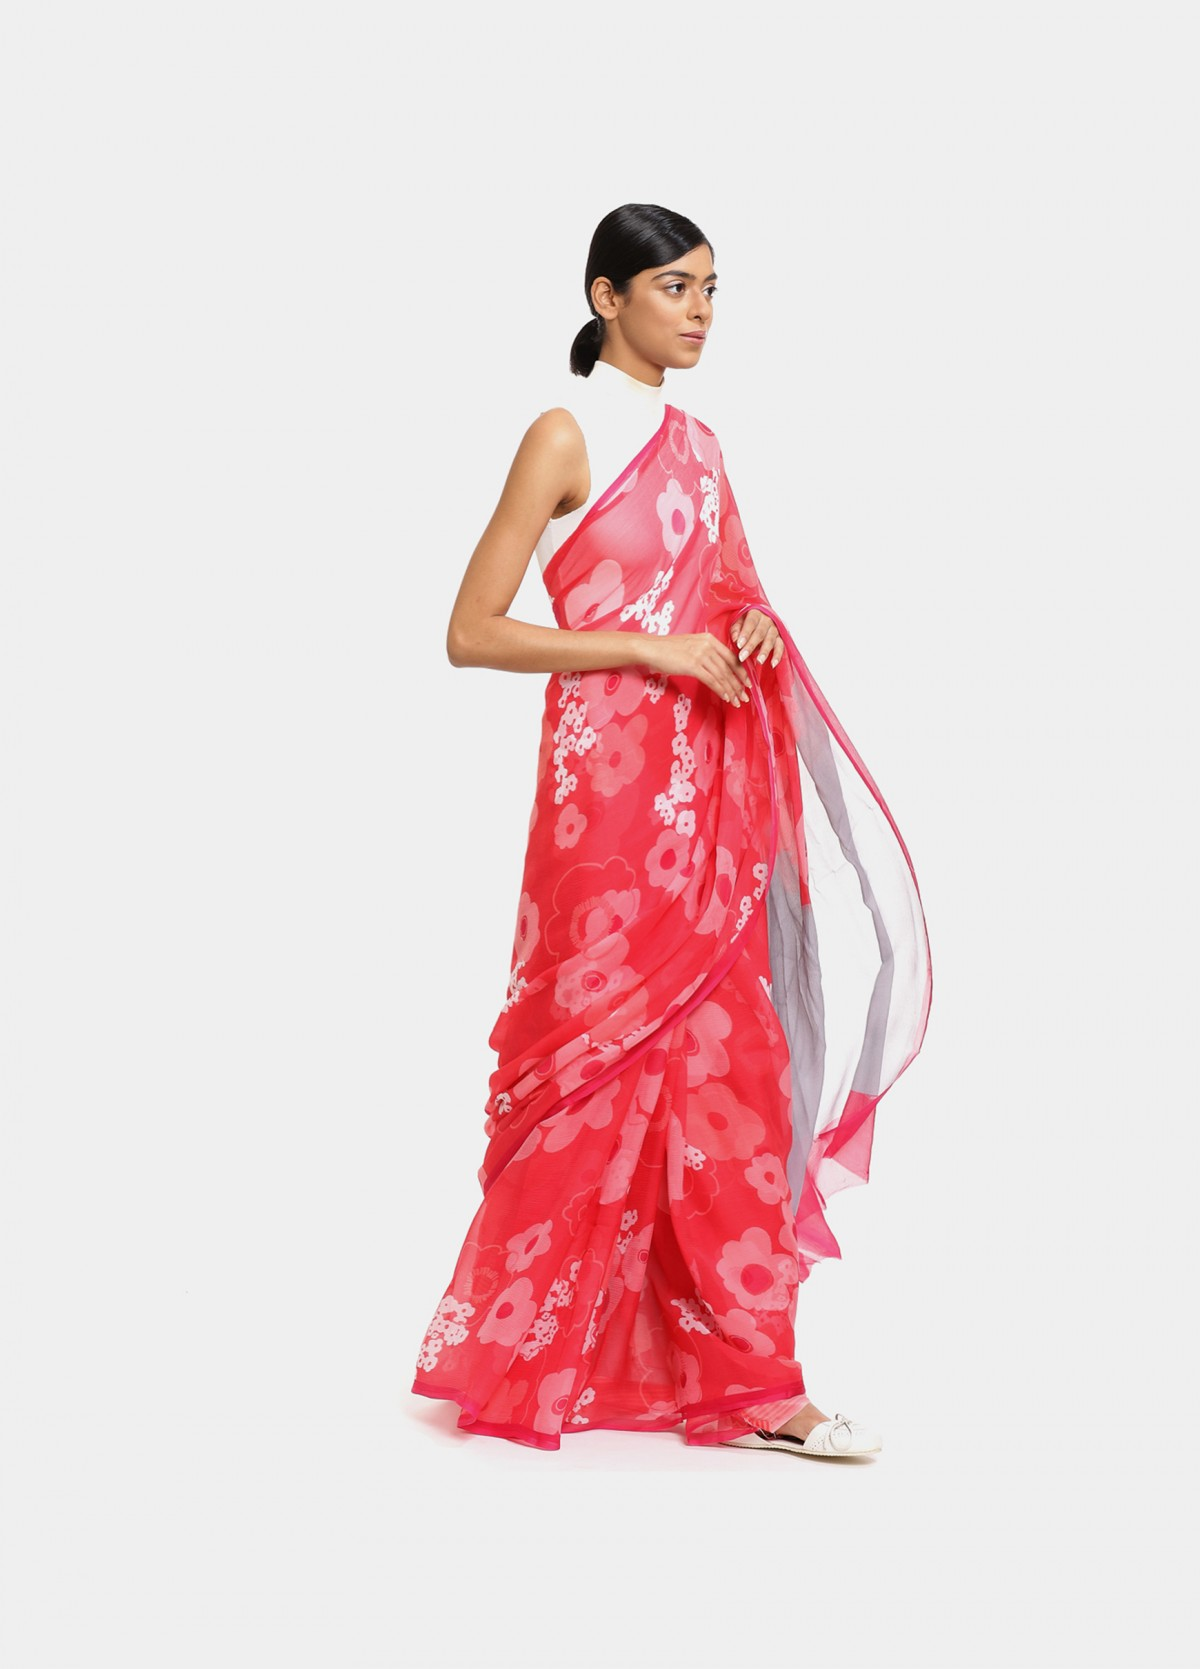 The Keshi Sari